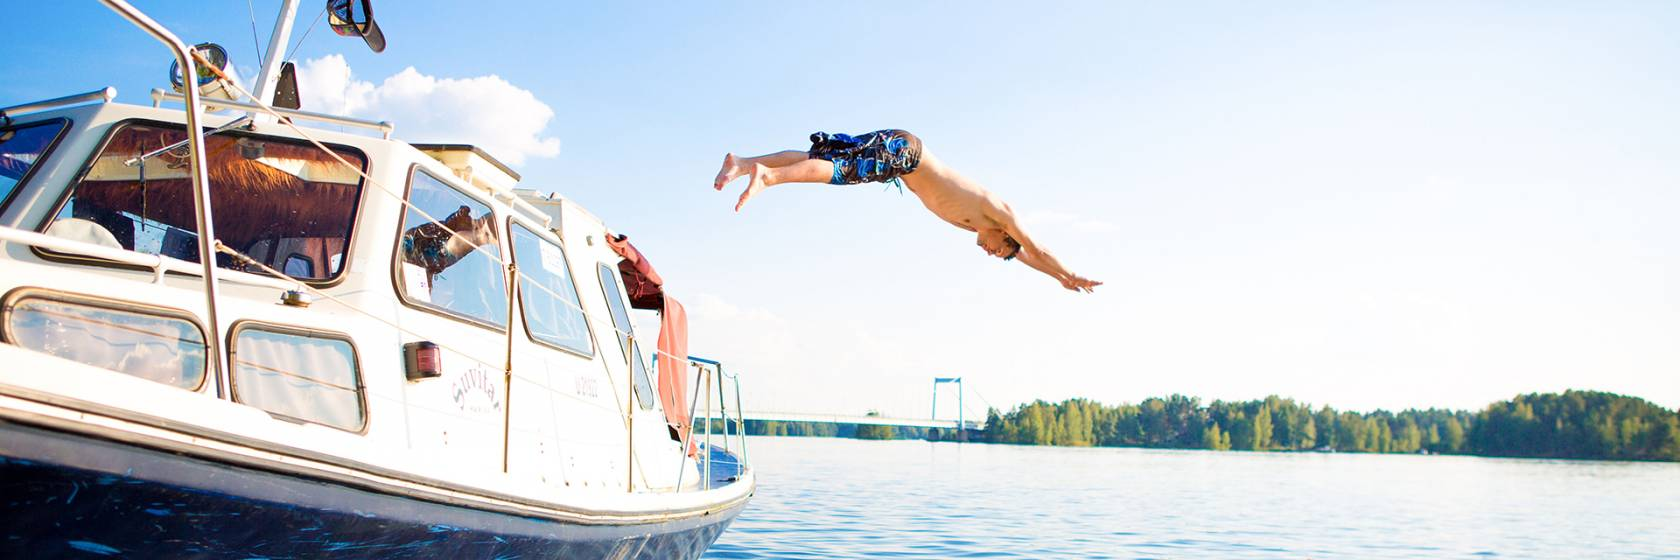 Mies hyppää veneestä veteen